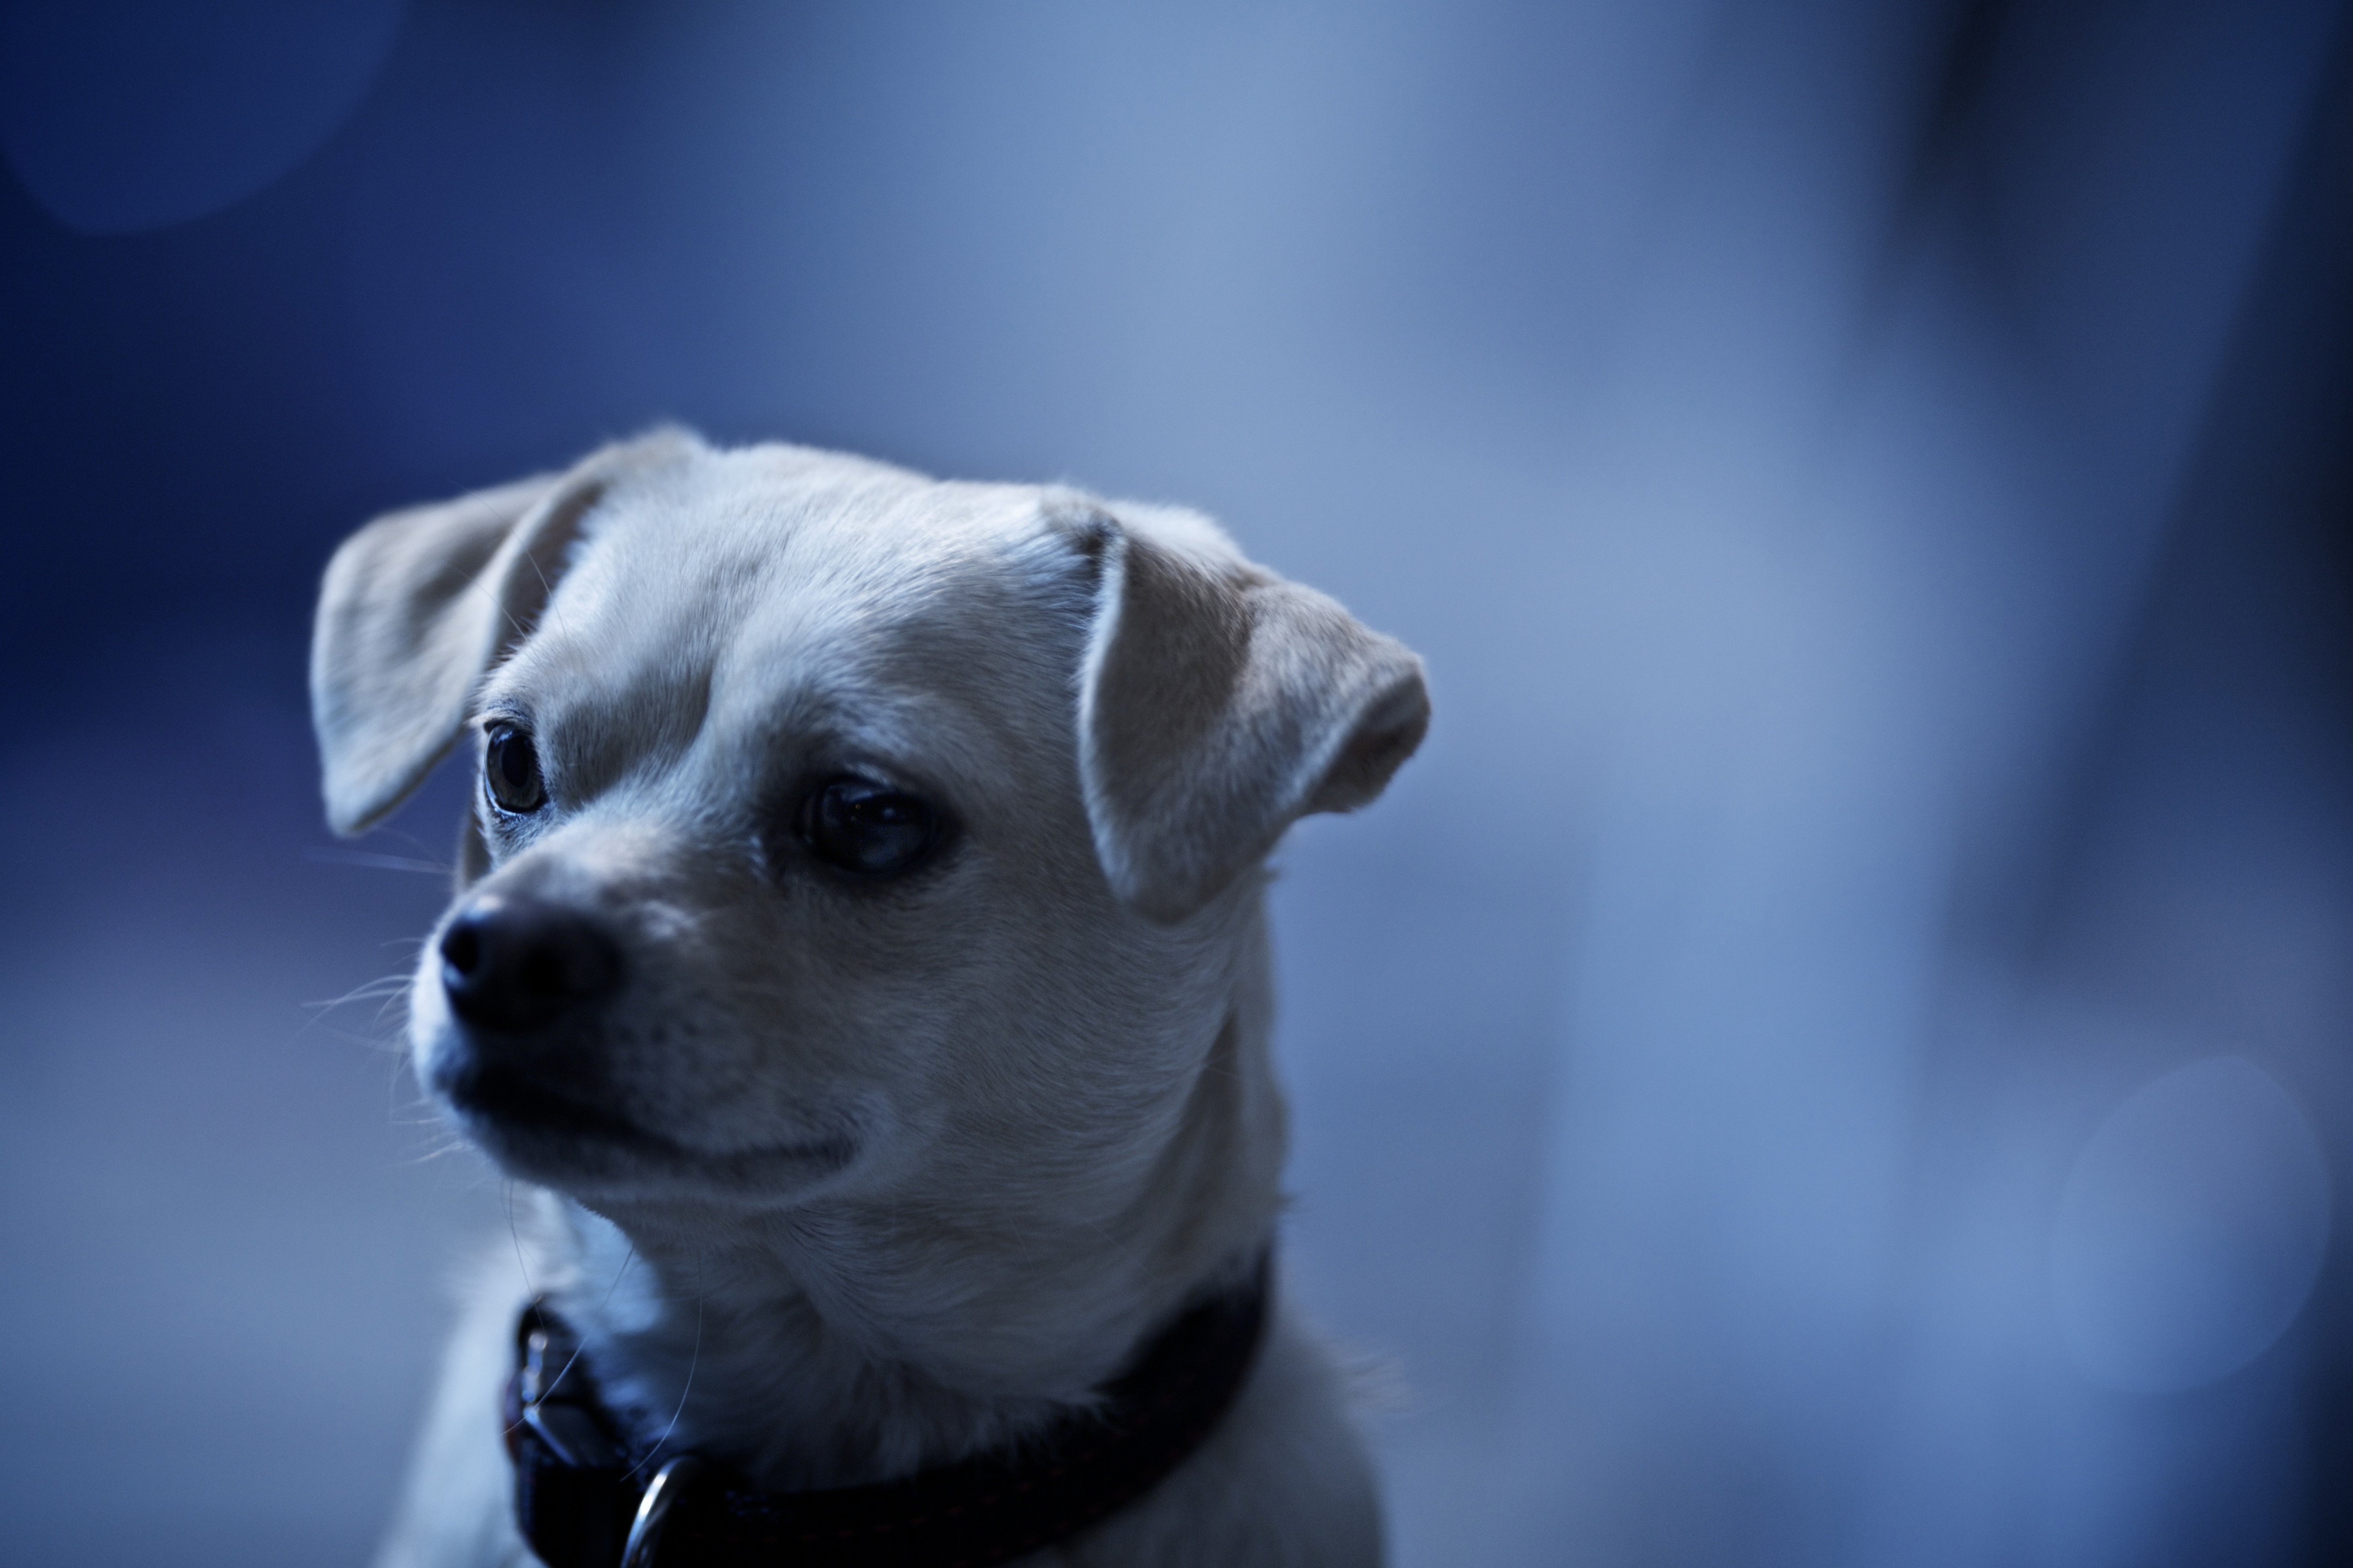 собака мордочка уши  № 1069405 загрузить